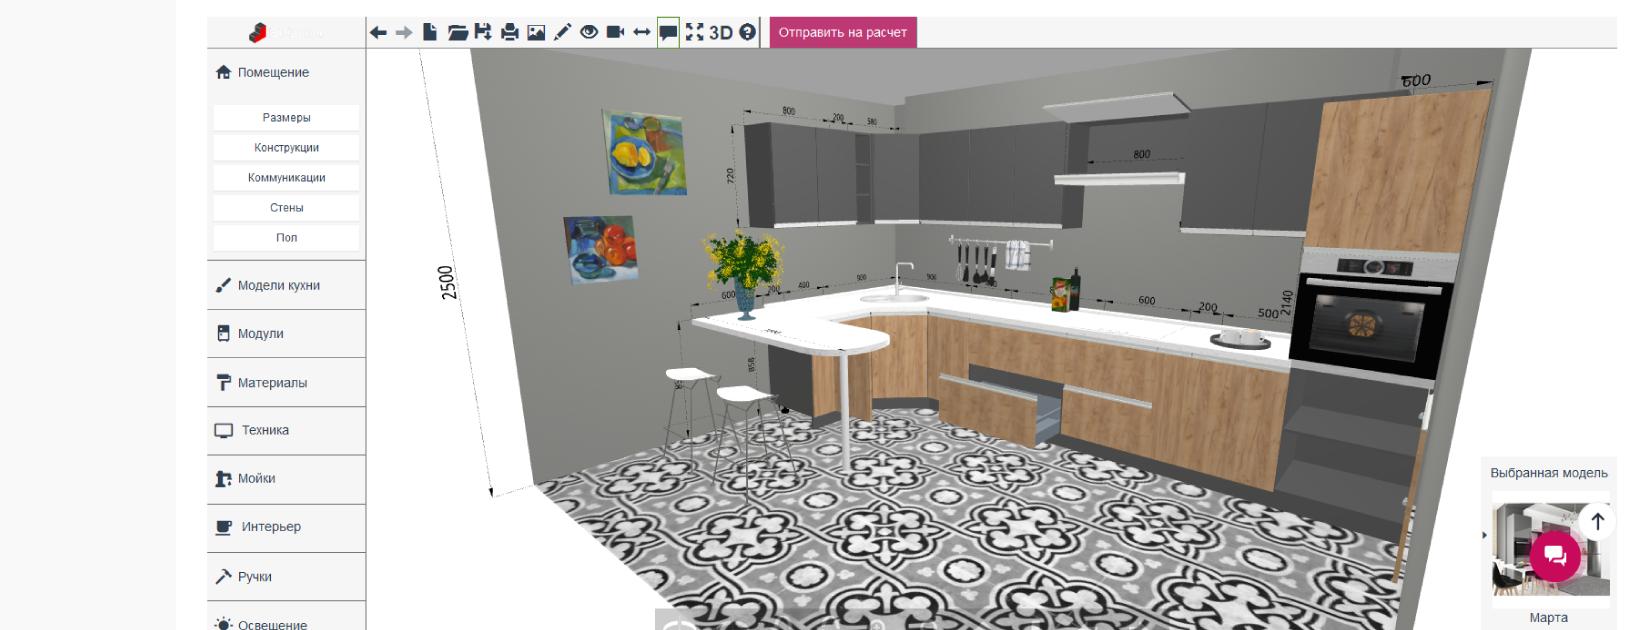 Конструктор кухонь і його можливості